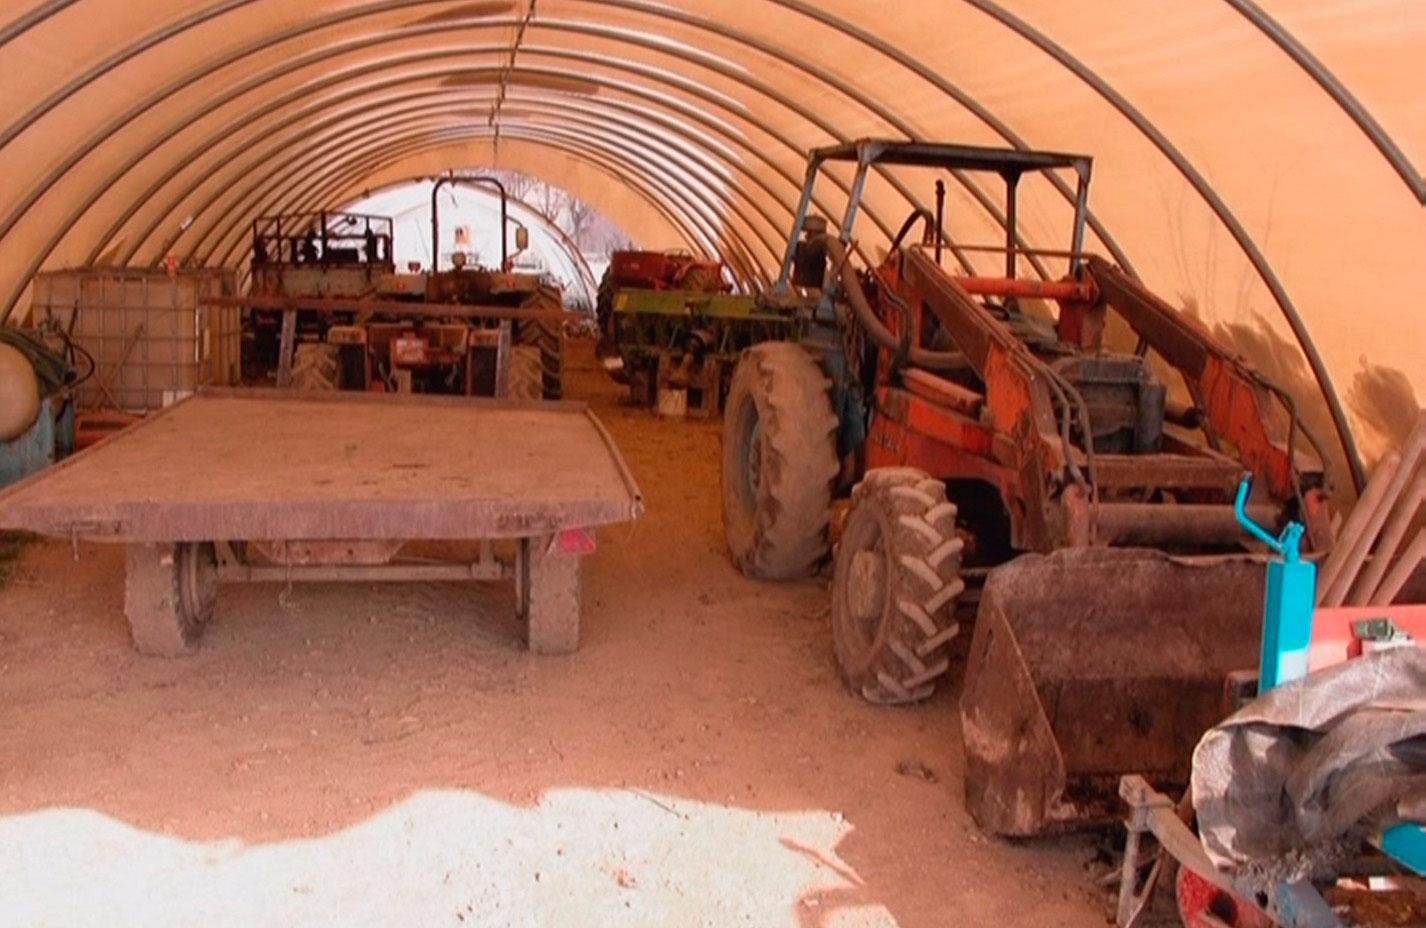 trattori e utensili agricoli idonei alla coltivazione e alla filosofia della cooperativa aretè